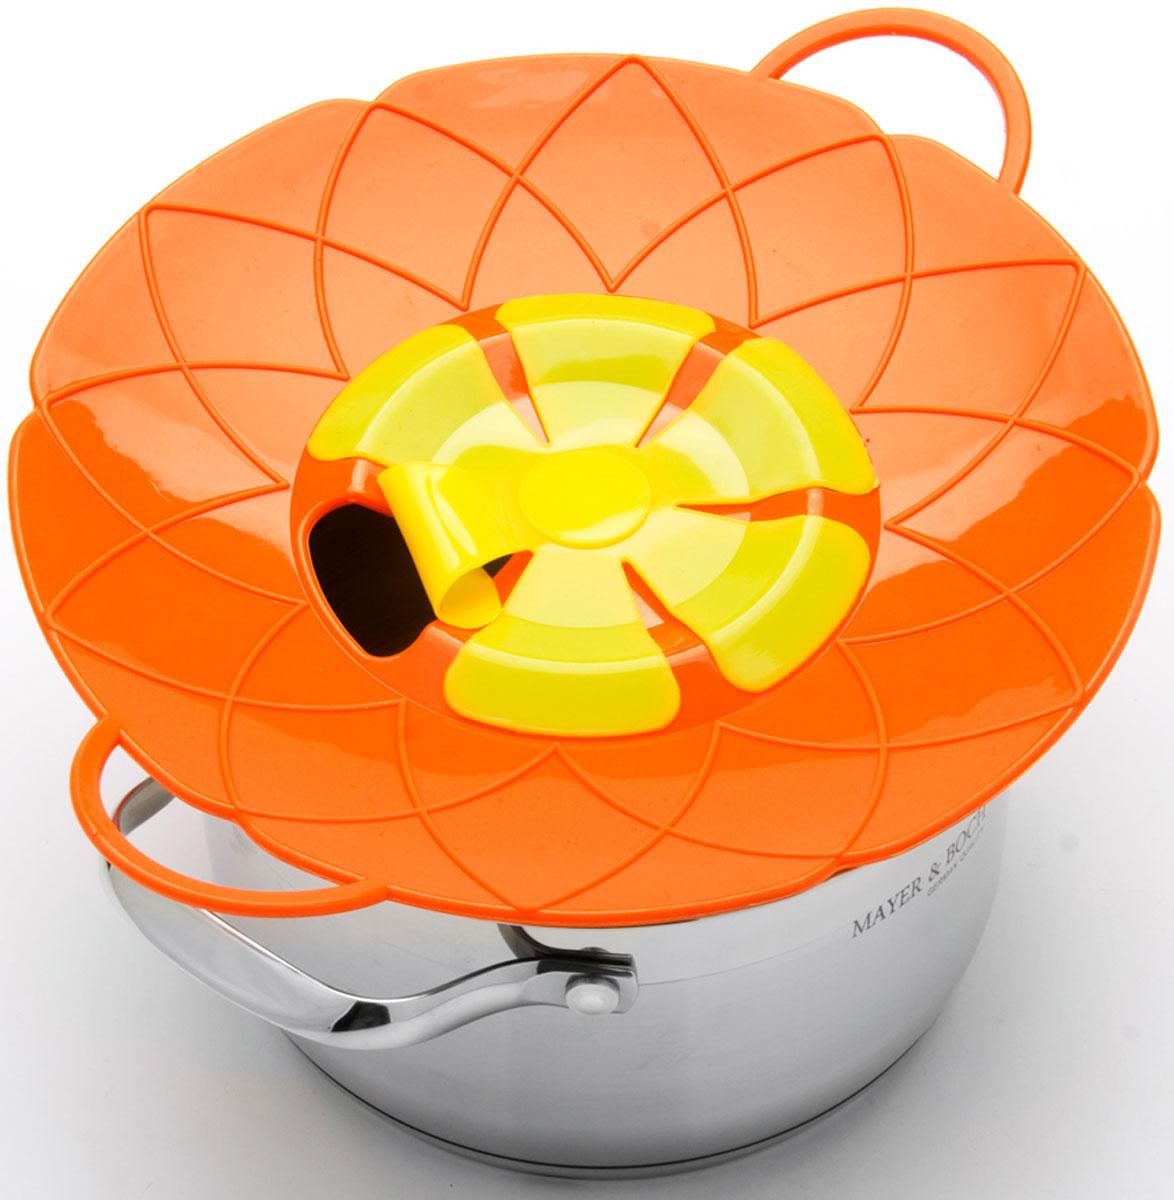 Крышка-невыкипайка Mayer & Boch, цвет: оранжевый, желтый, диаметр 25 см24256-3Силиконовая крышка 2 в 1 (невыкипайка и пароварка) изготовлена из силикона высокого качества. Не теряет форму от высоких температур. Крышка-невыкипайка предотвращает выкипание и брызги. Ваша кухня всегда будет в чистоте. Изделие значительно облегчит приготовление пищи. Вы даже можете оставлять без присмотра готовящуюся пищу. При хранение в прохладных местах - крышка обеспечит свежесть продуктов. При использовании крышки в микроволновой печи, масло не разбрызгивается. Можете готовить овощи и морепродукты на пару. Пища, приготовленная на пару вкусная и полезная.